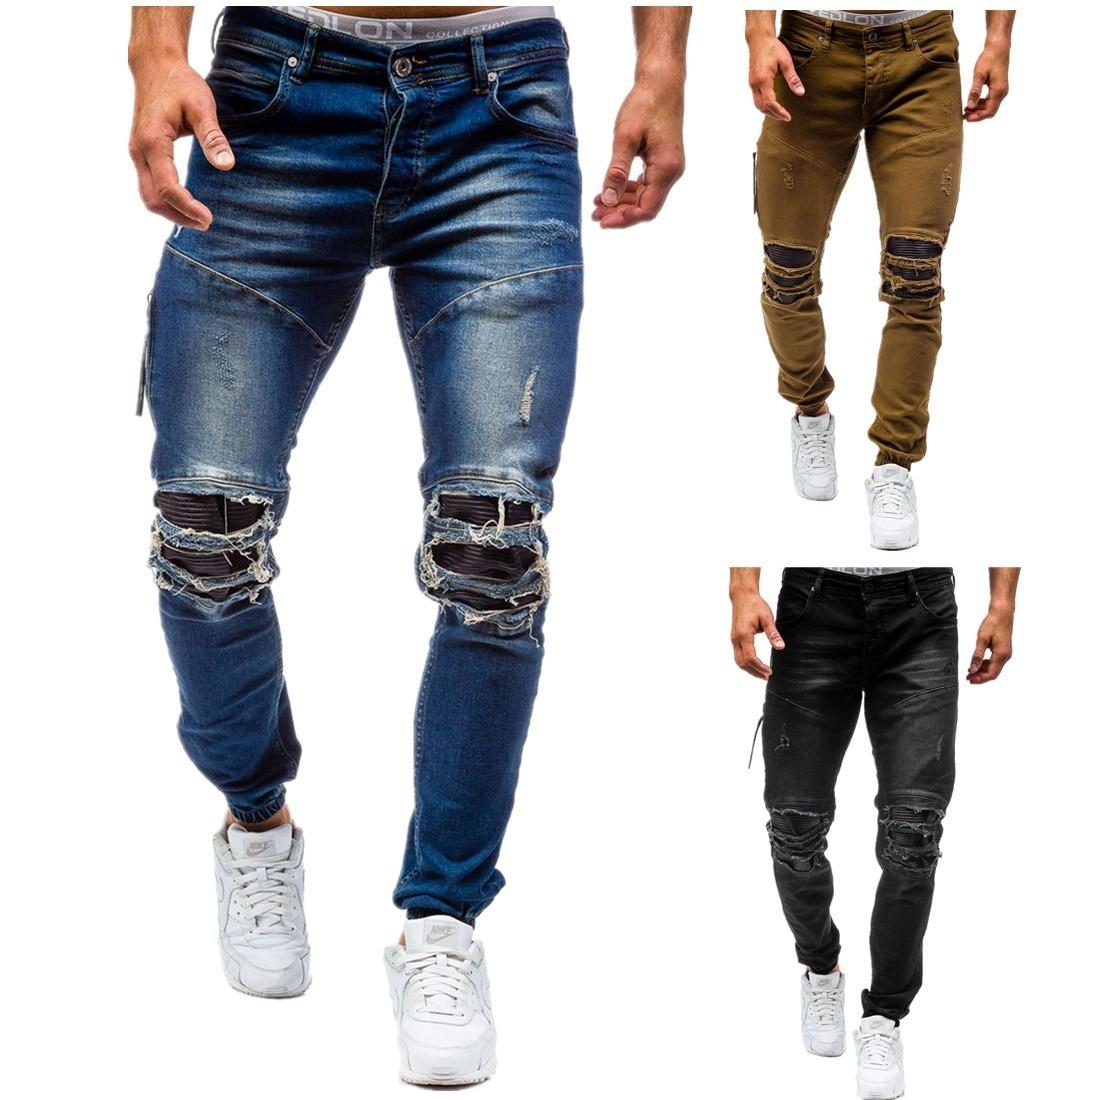 793adf44eb Primavera Primavera De Mezclilla Hombre Docto Moda 2018 Pantalones xFBRpqAwg